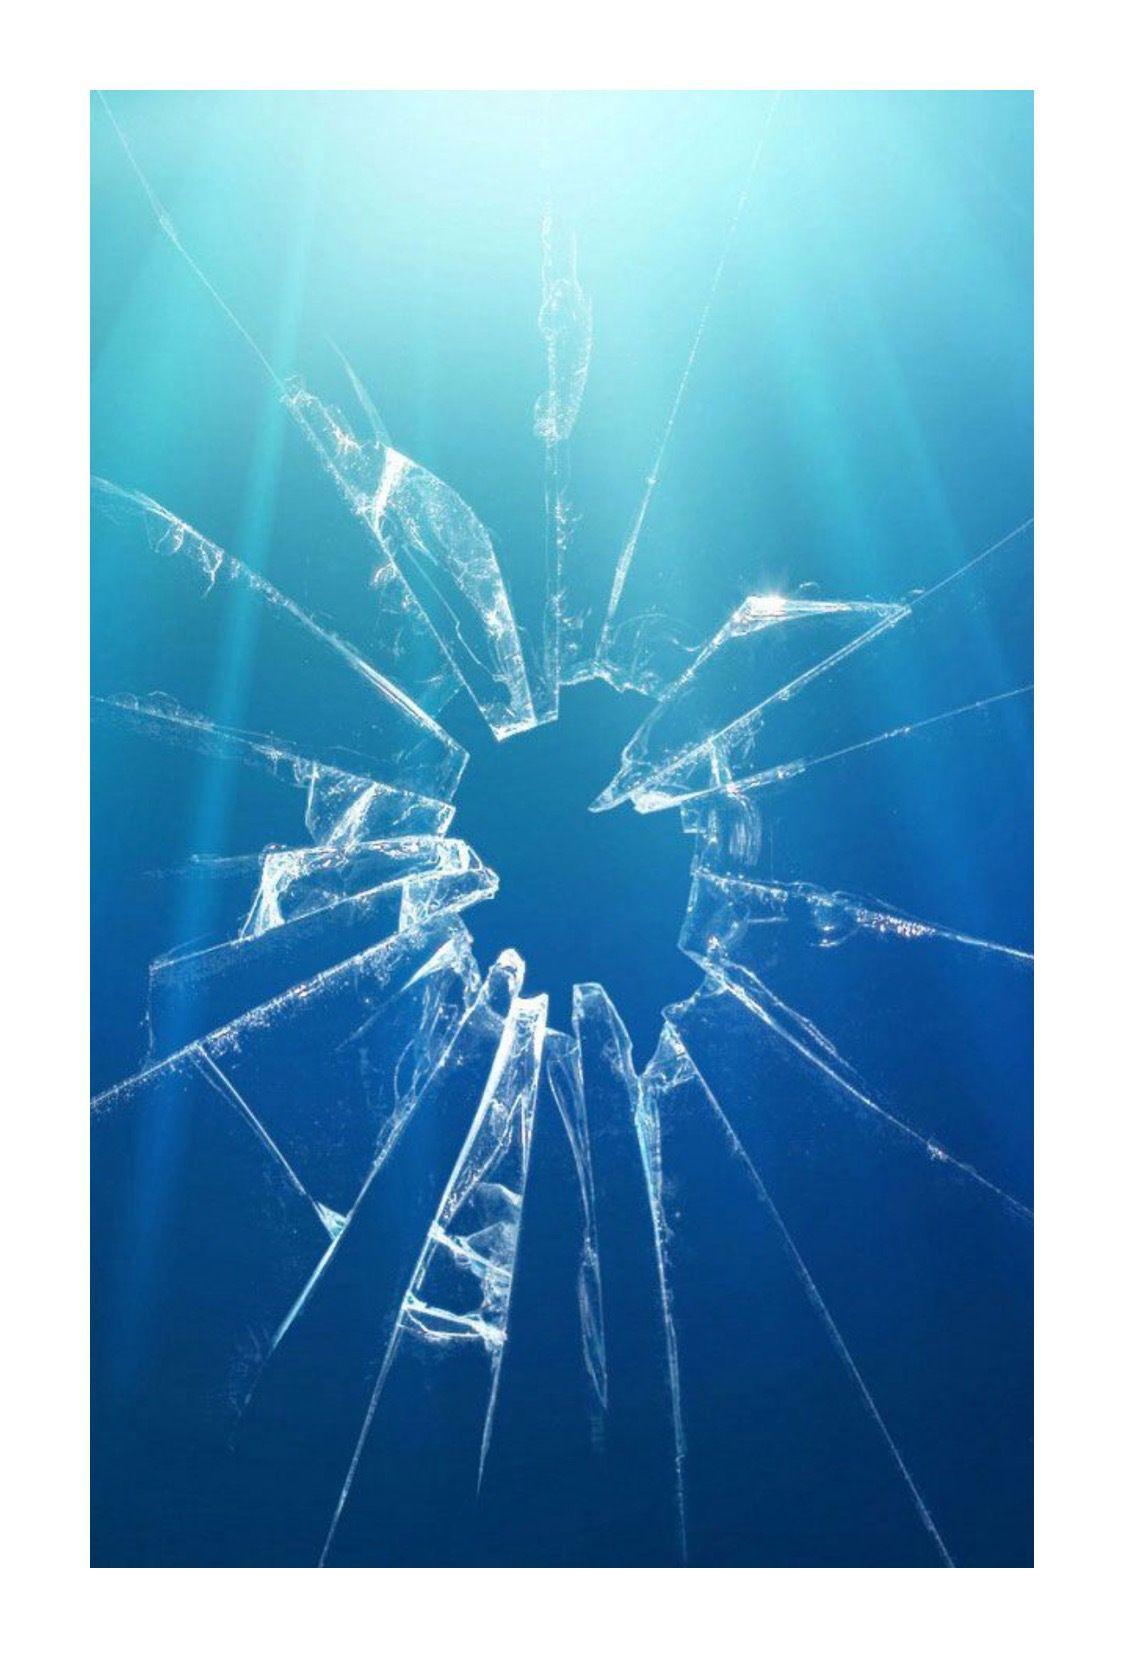 January Bee Inspired 2018 Broken Screen Wallpaper Broken Screen Broken Glass Wallpaper